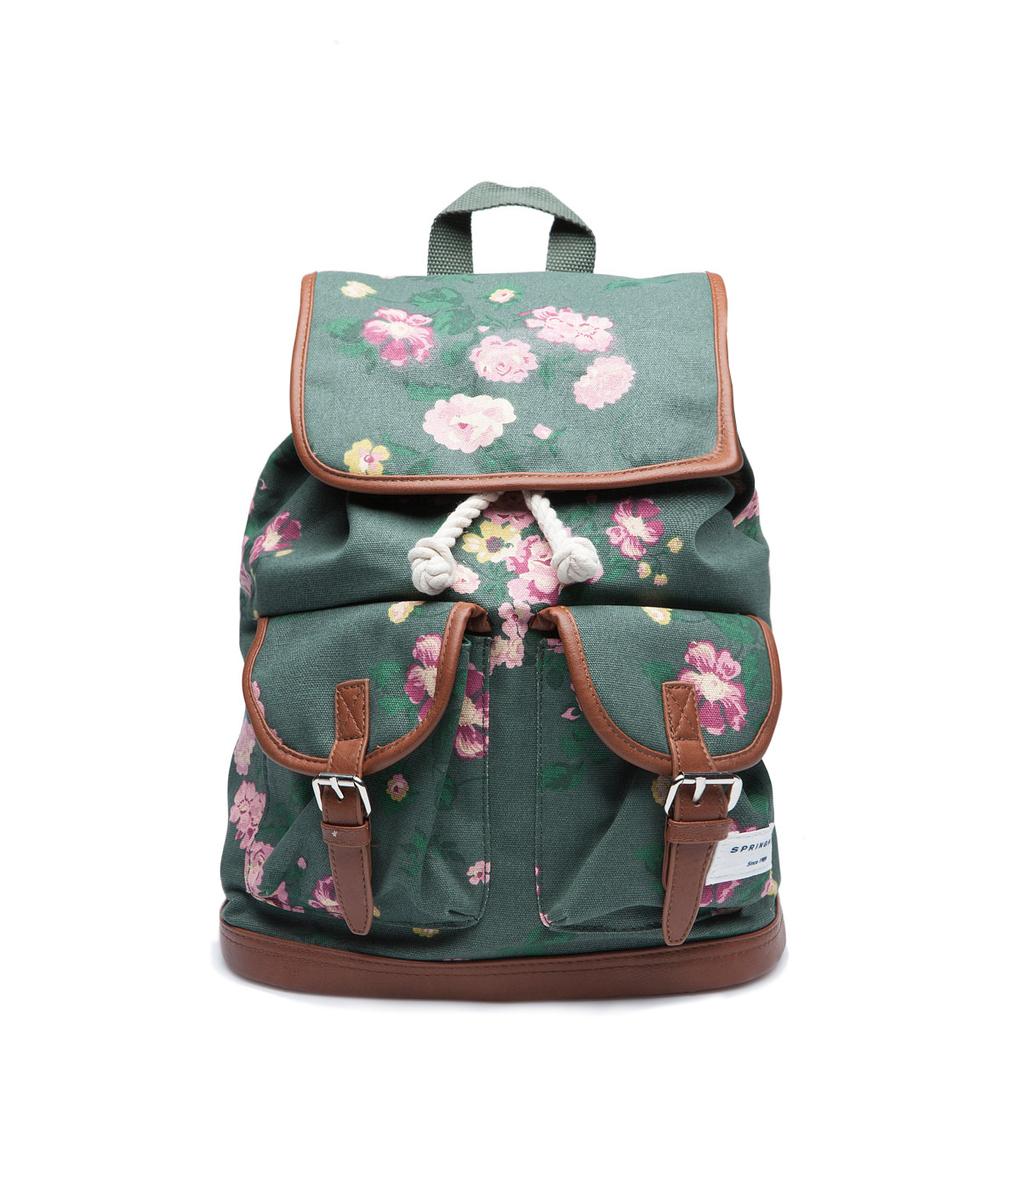 Springfield divatos virágmintás hátizsák kép 342358947f